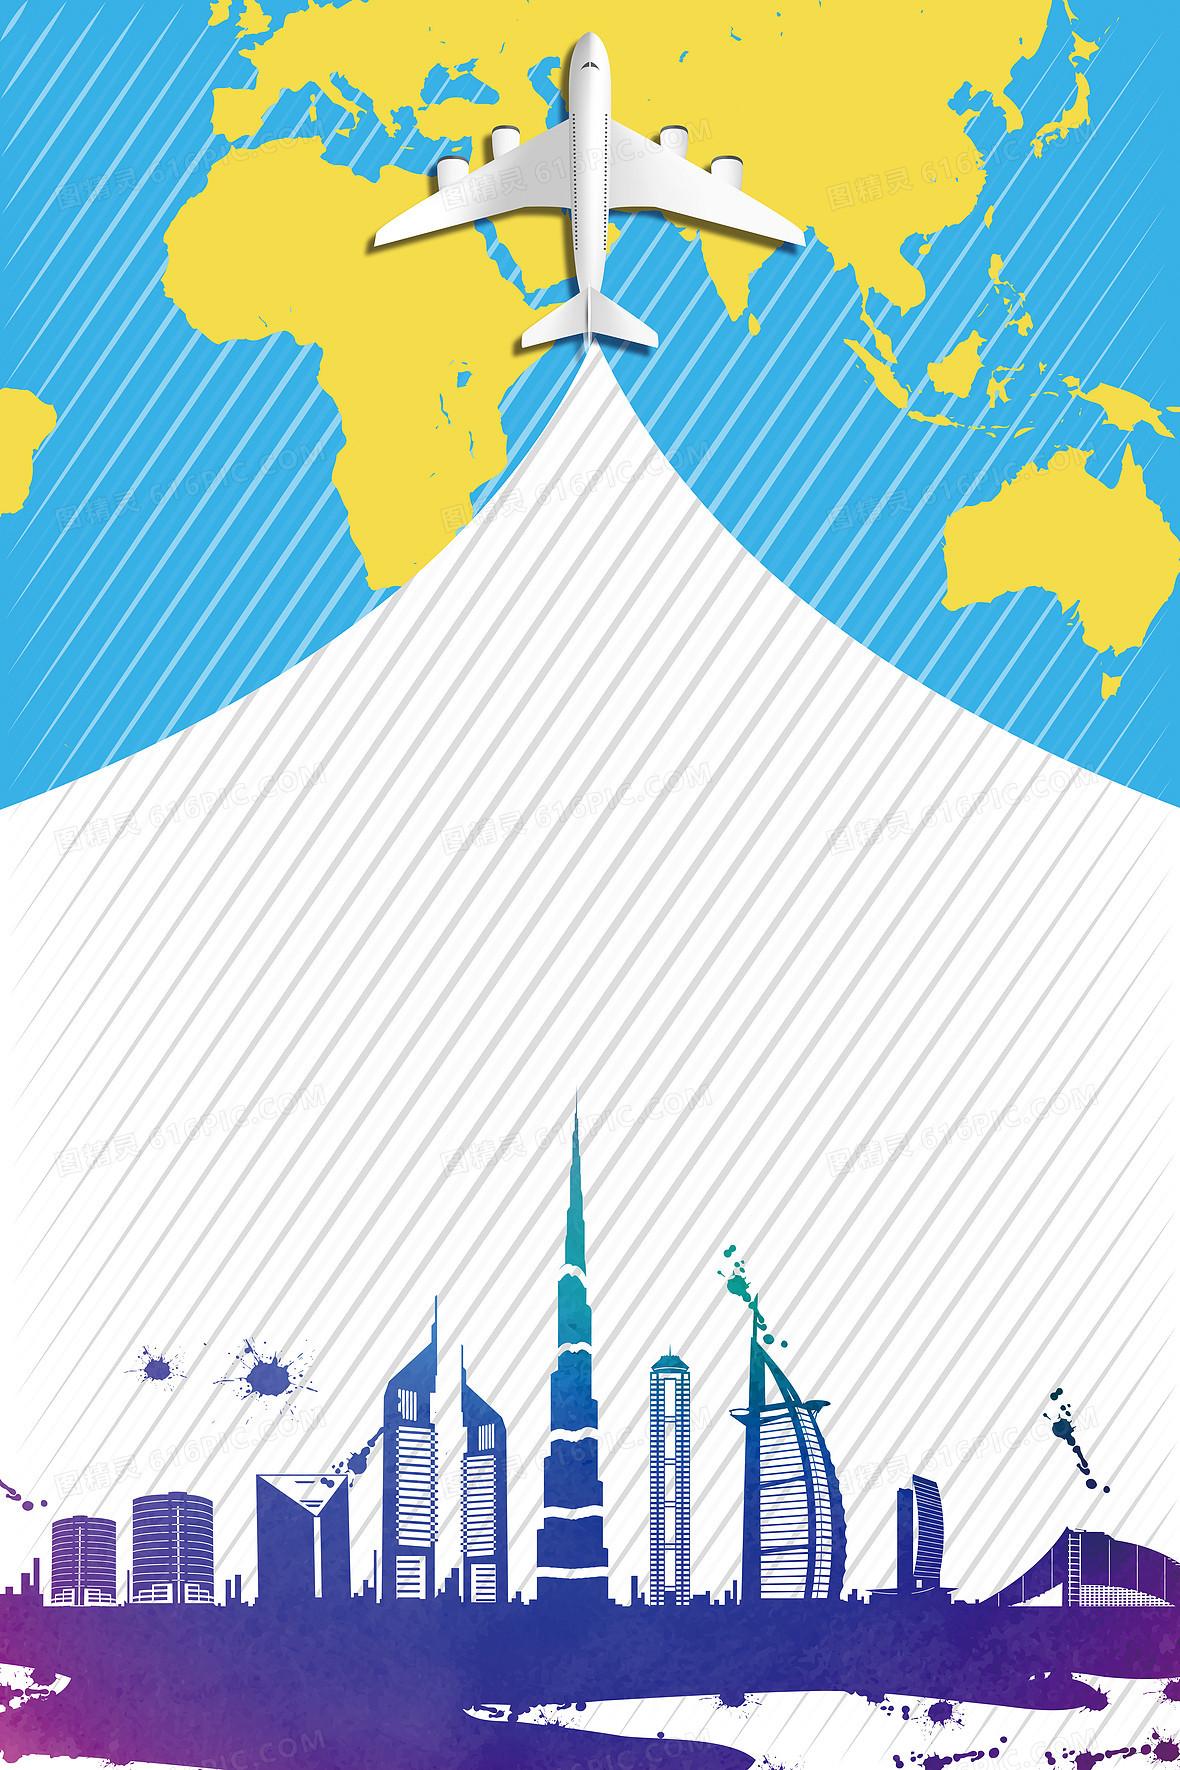 日式旅游文化画册手绘背景素材